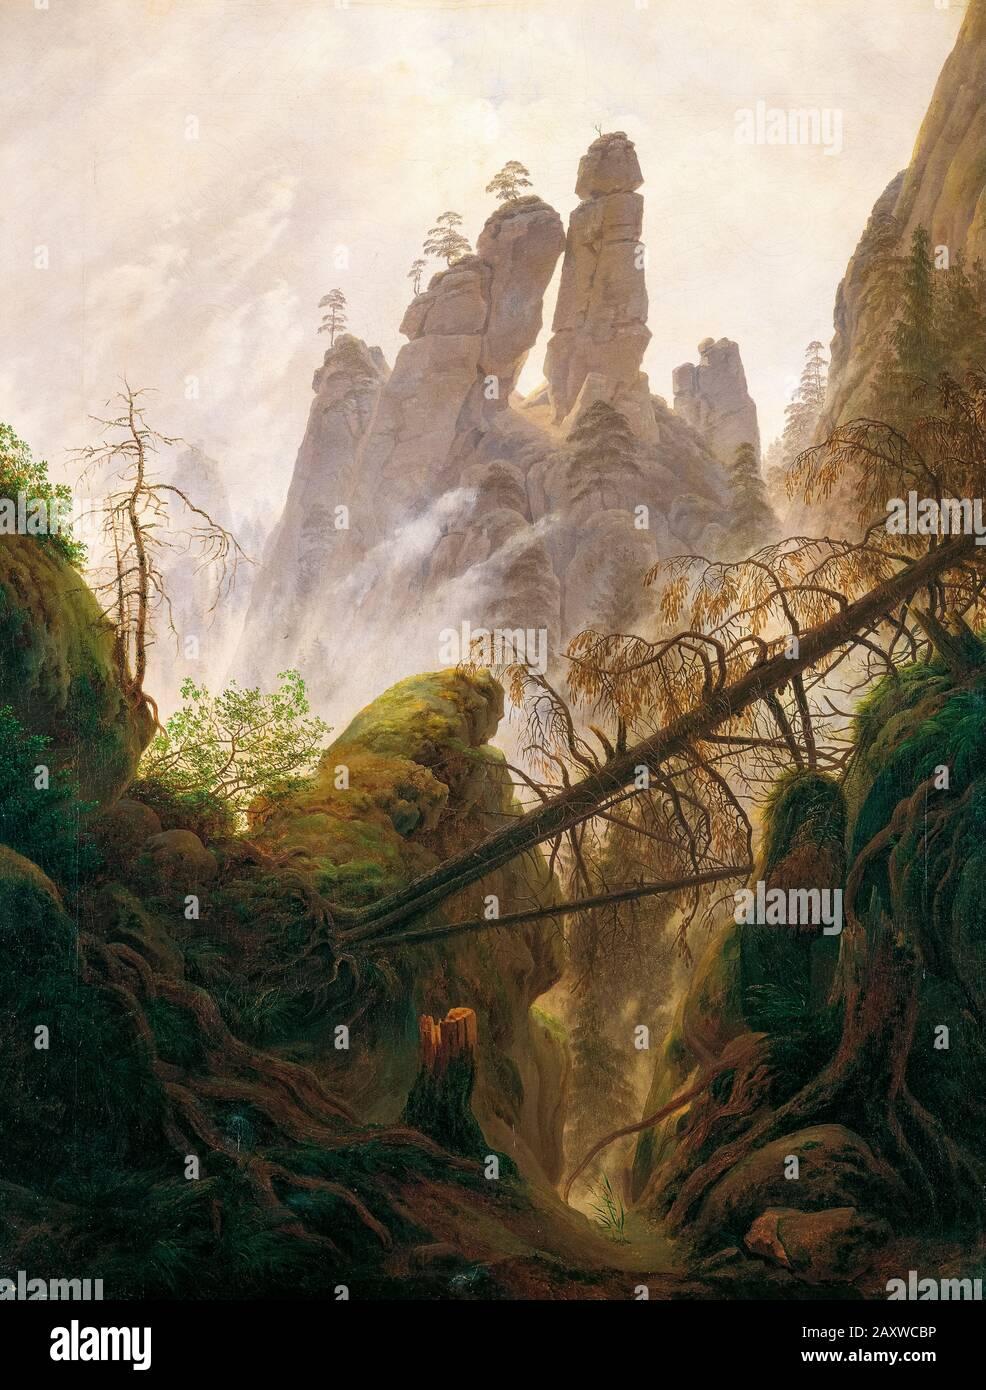 Caspar David Friedrich, paesaggio roccioso nelle montagne Di Pietra Arenaria dell'Elba, pittura di paesaggio, 1822 Foto Stock